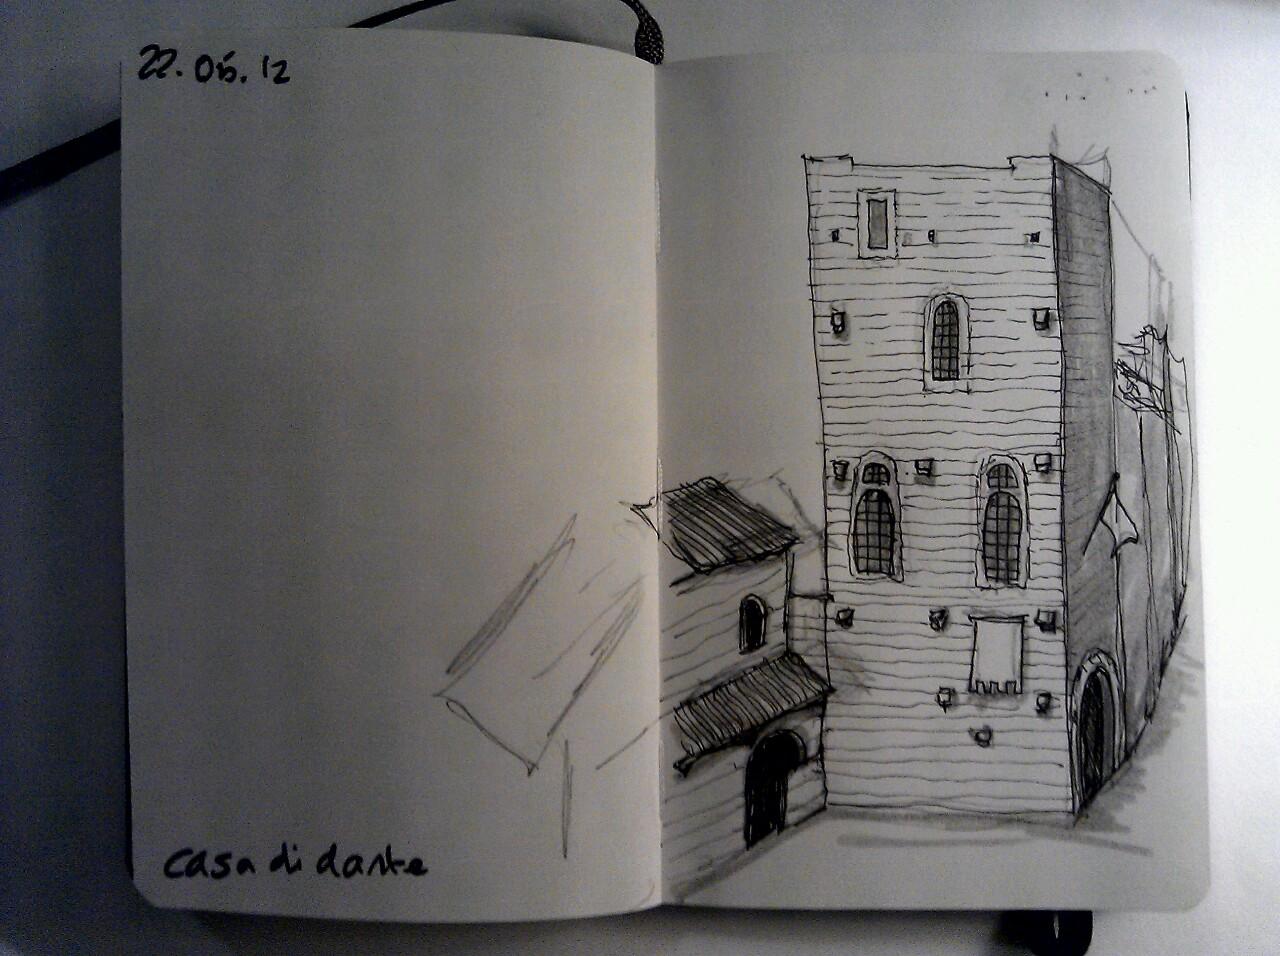 365 drawings later … day 112 … casa di dante